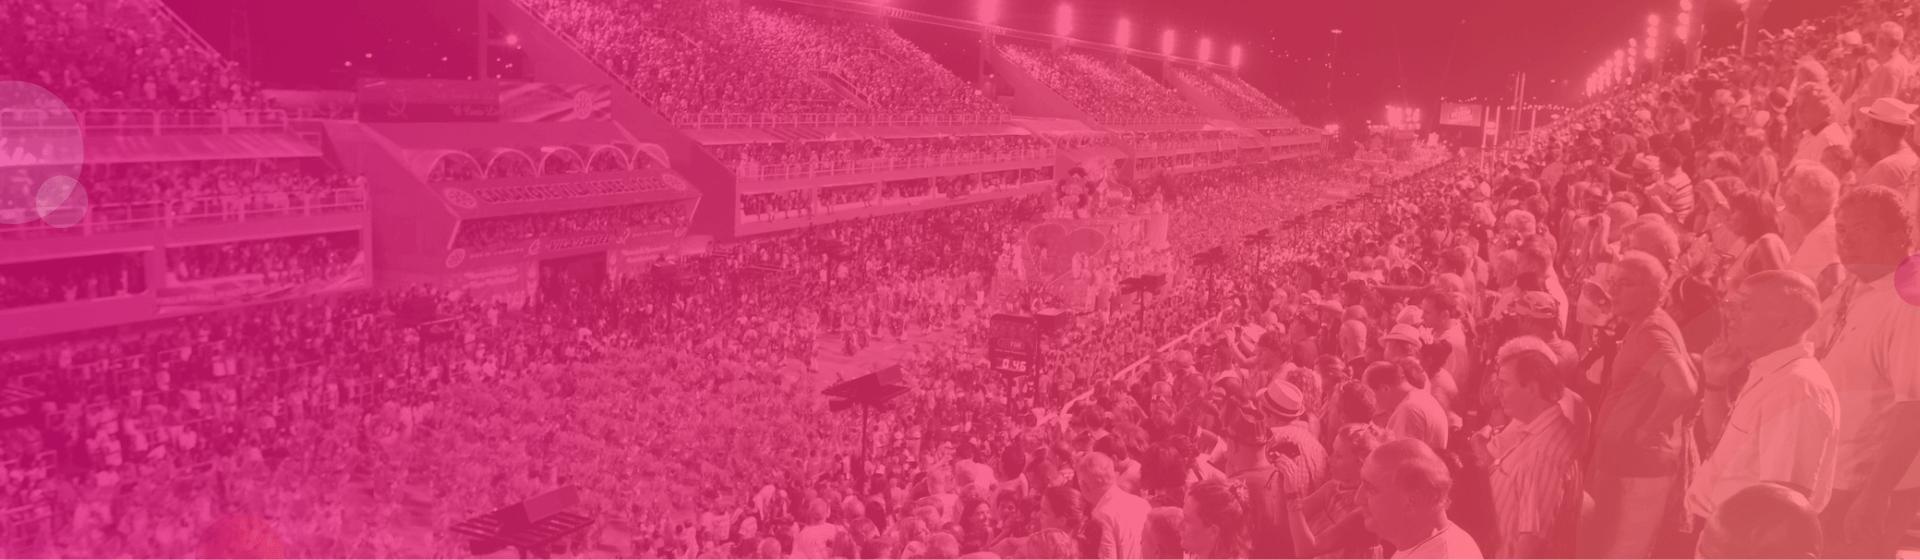 Il Programma del Carnevale di Rio è Molto Vario